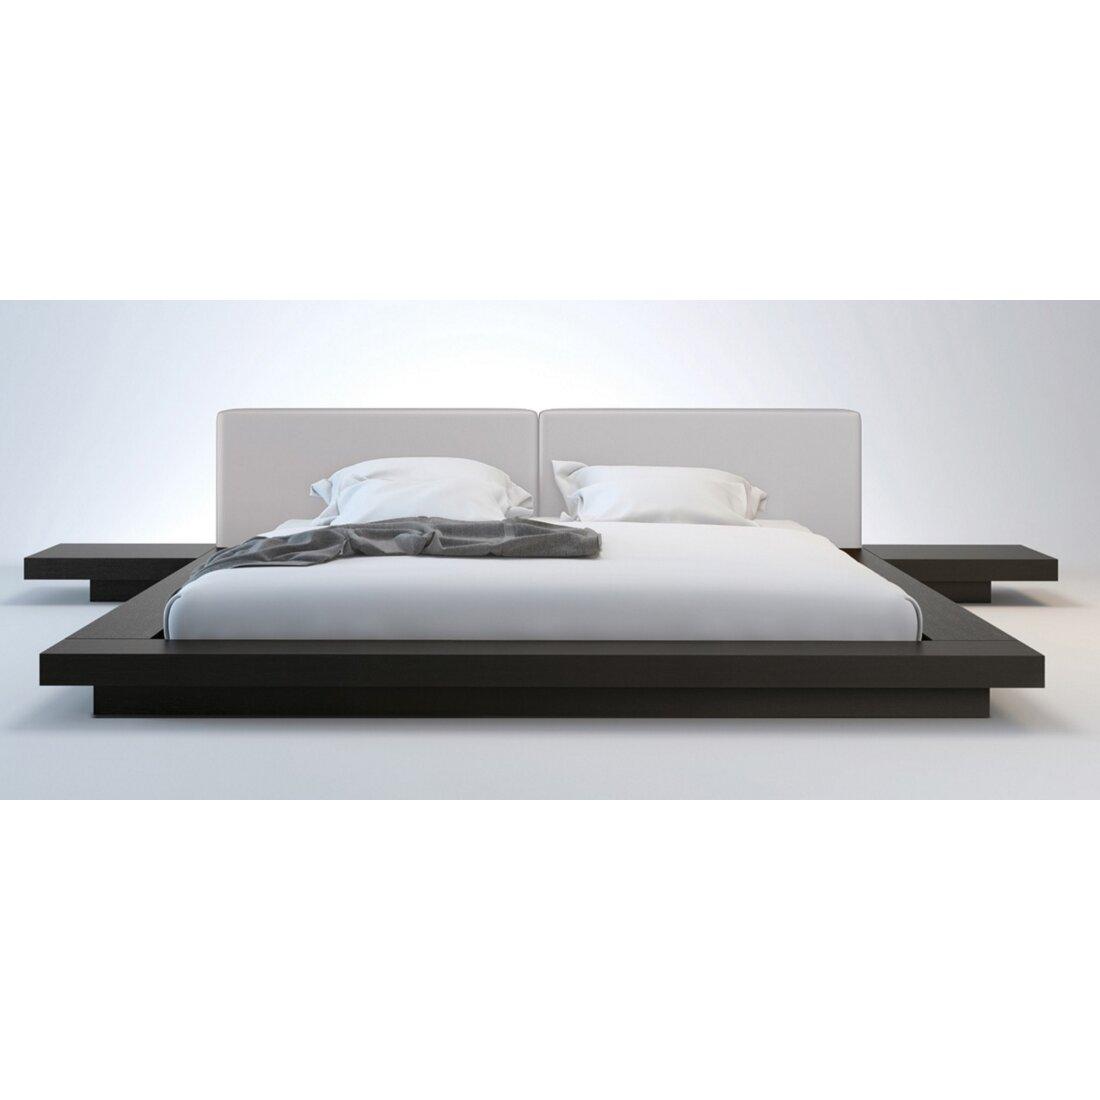 Room and board platform bed - Sloan Upholstered Platform Bed